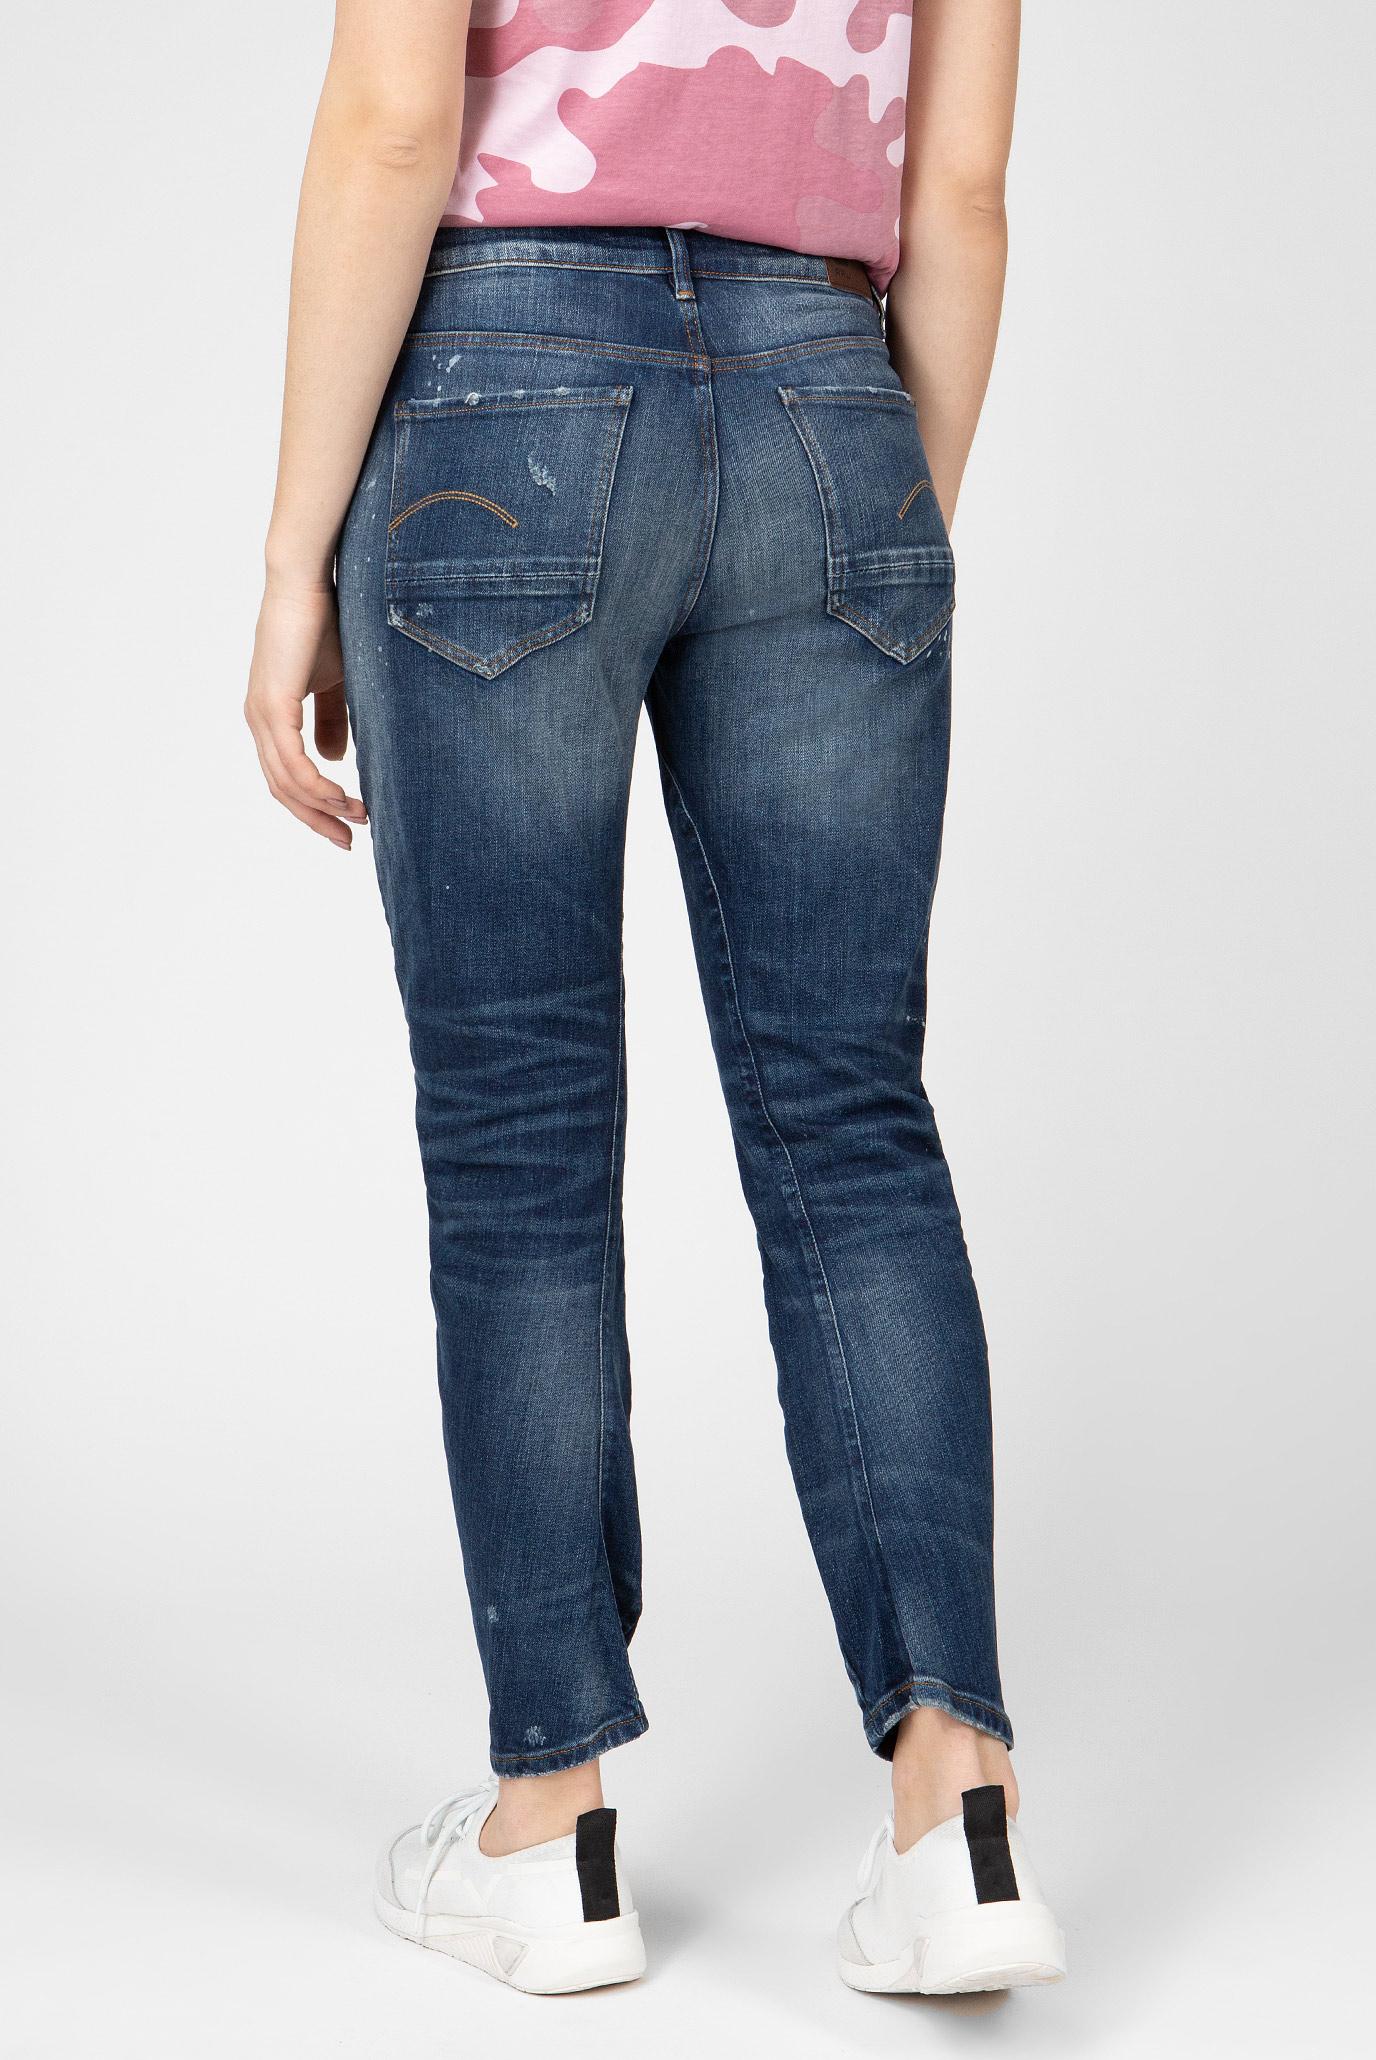 Купить Женские синие джинсы ARC G-Star RAW G-Star RAW D09548,A670 – Киев, Украина. Цены в интернет магазине MD Fashion